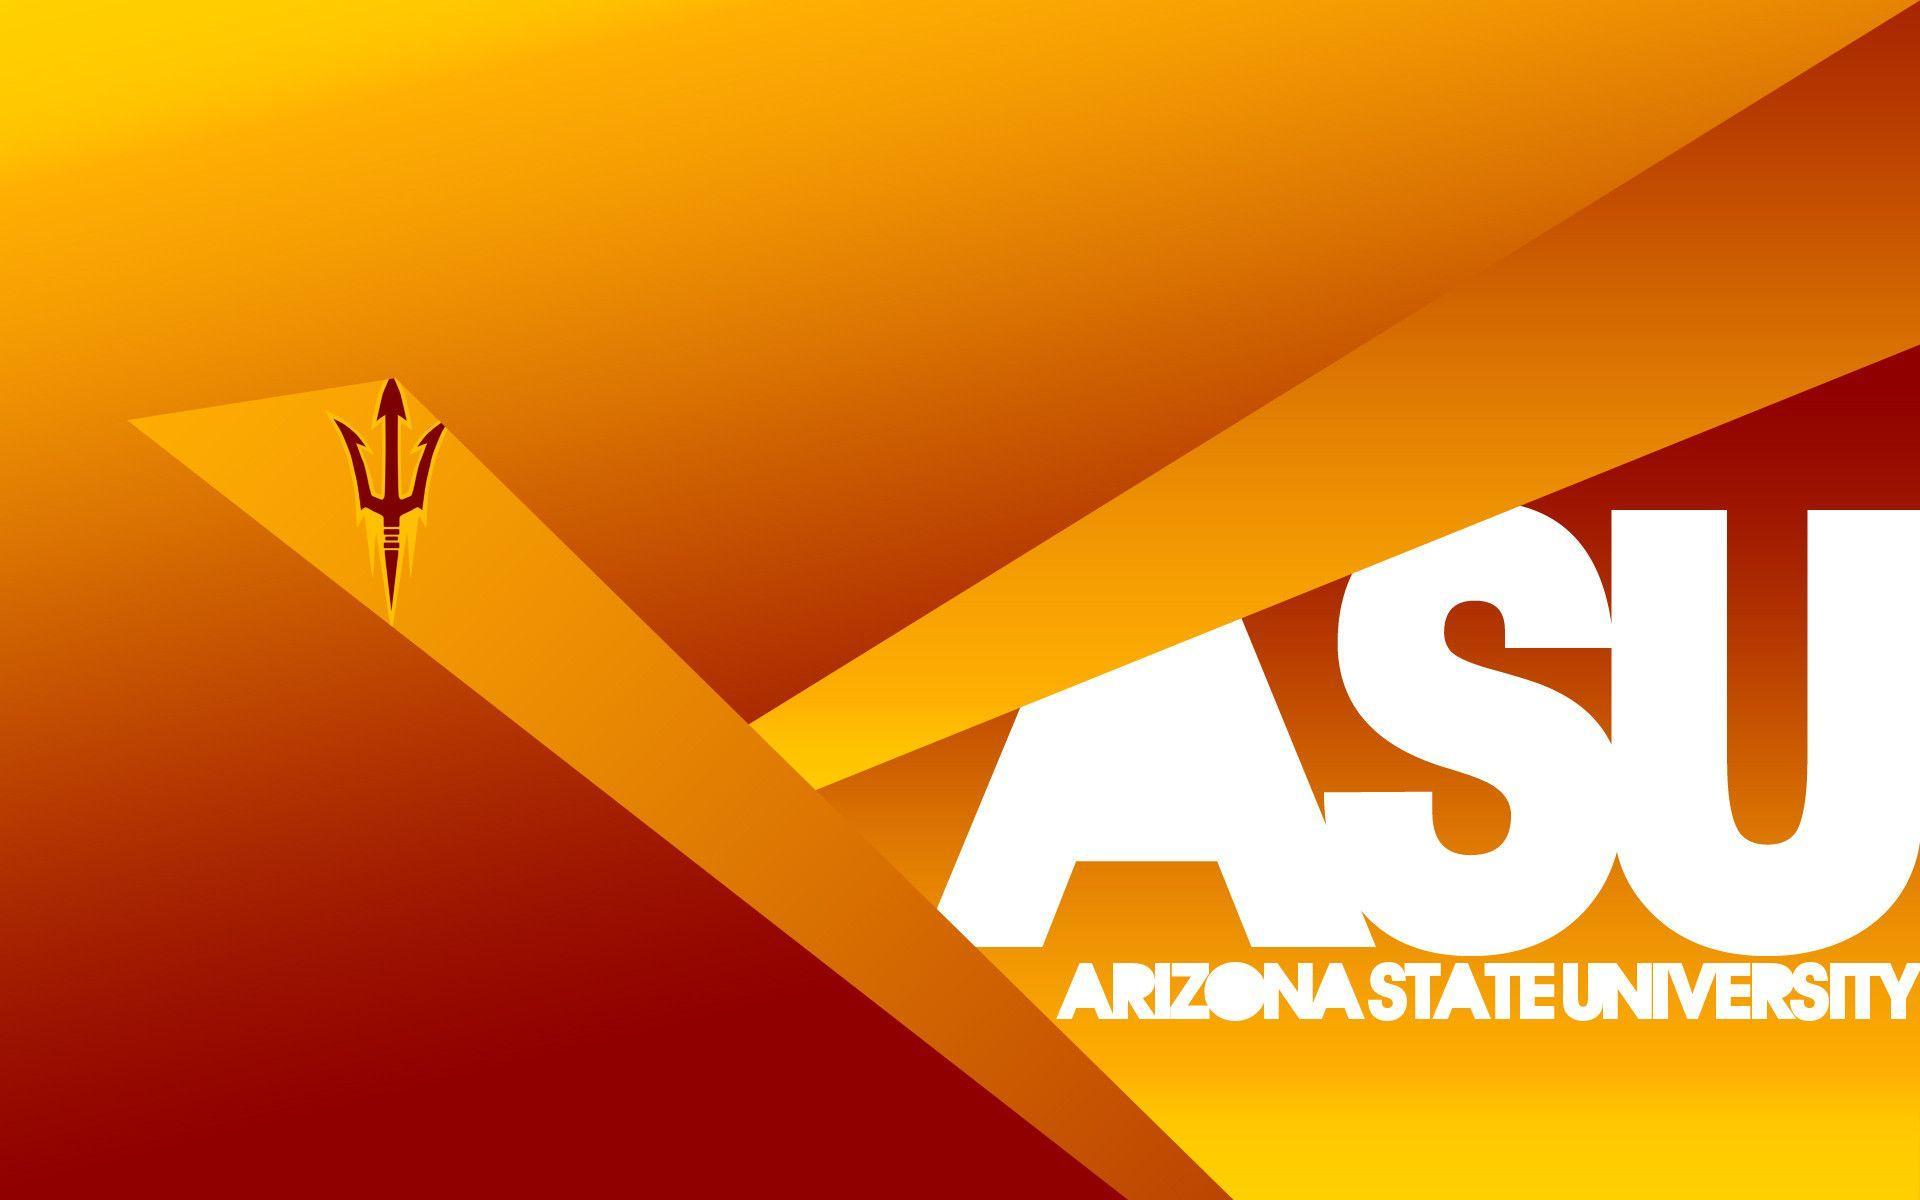 University Of Arizona Desktop Wallpapers 1920x1200